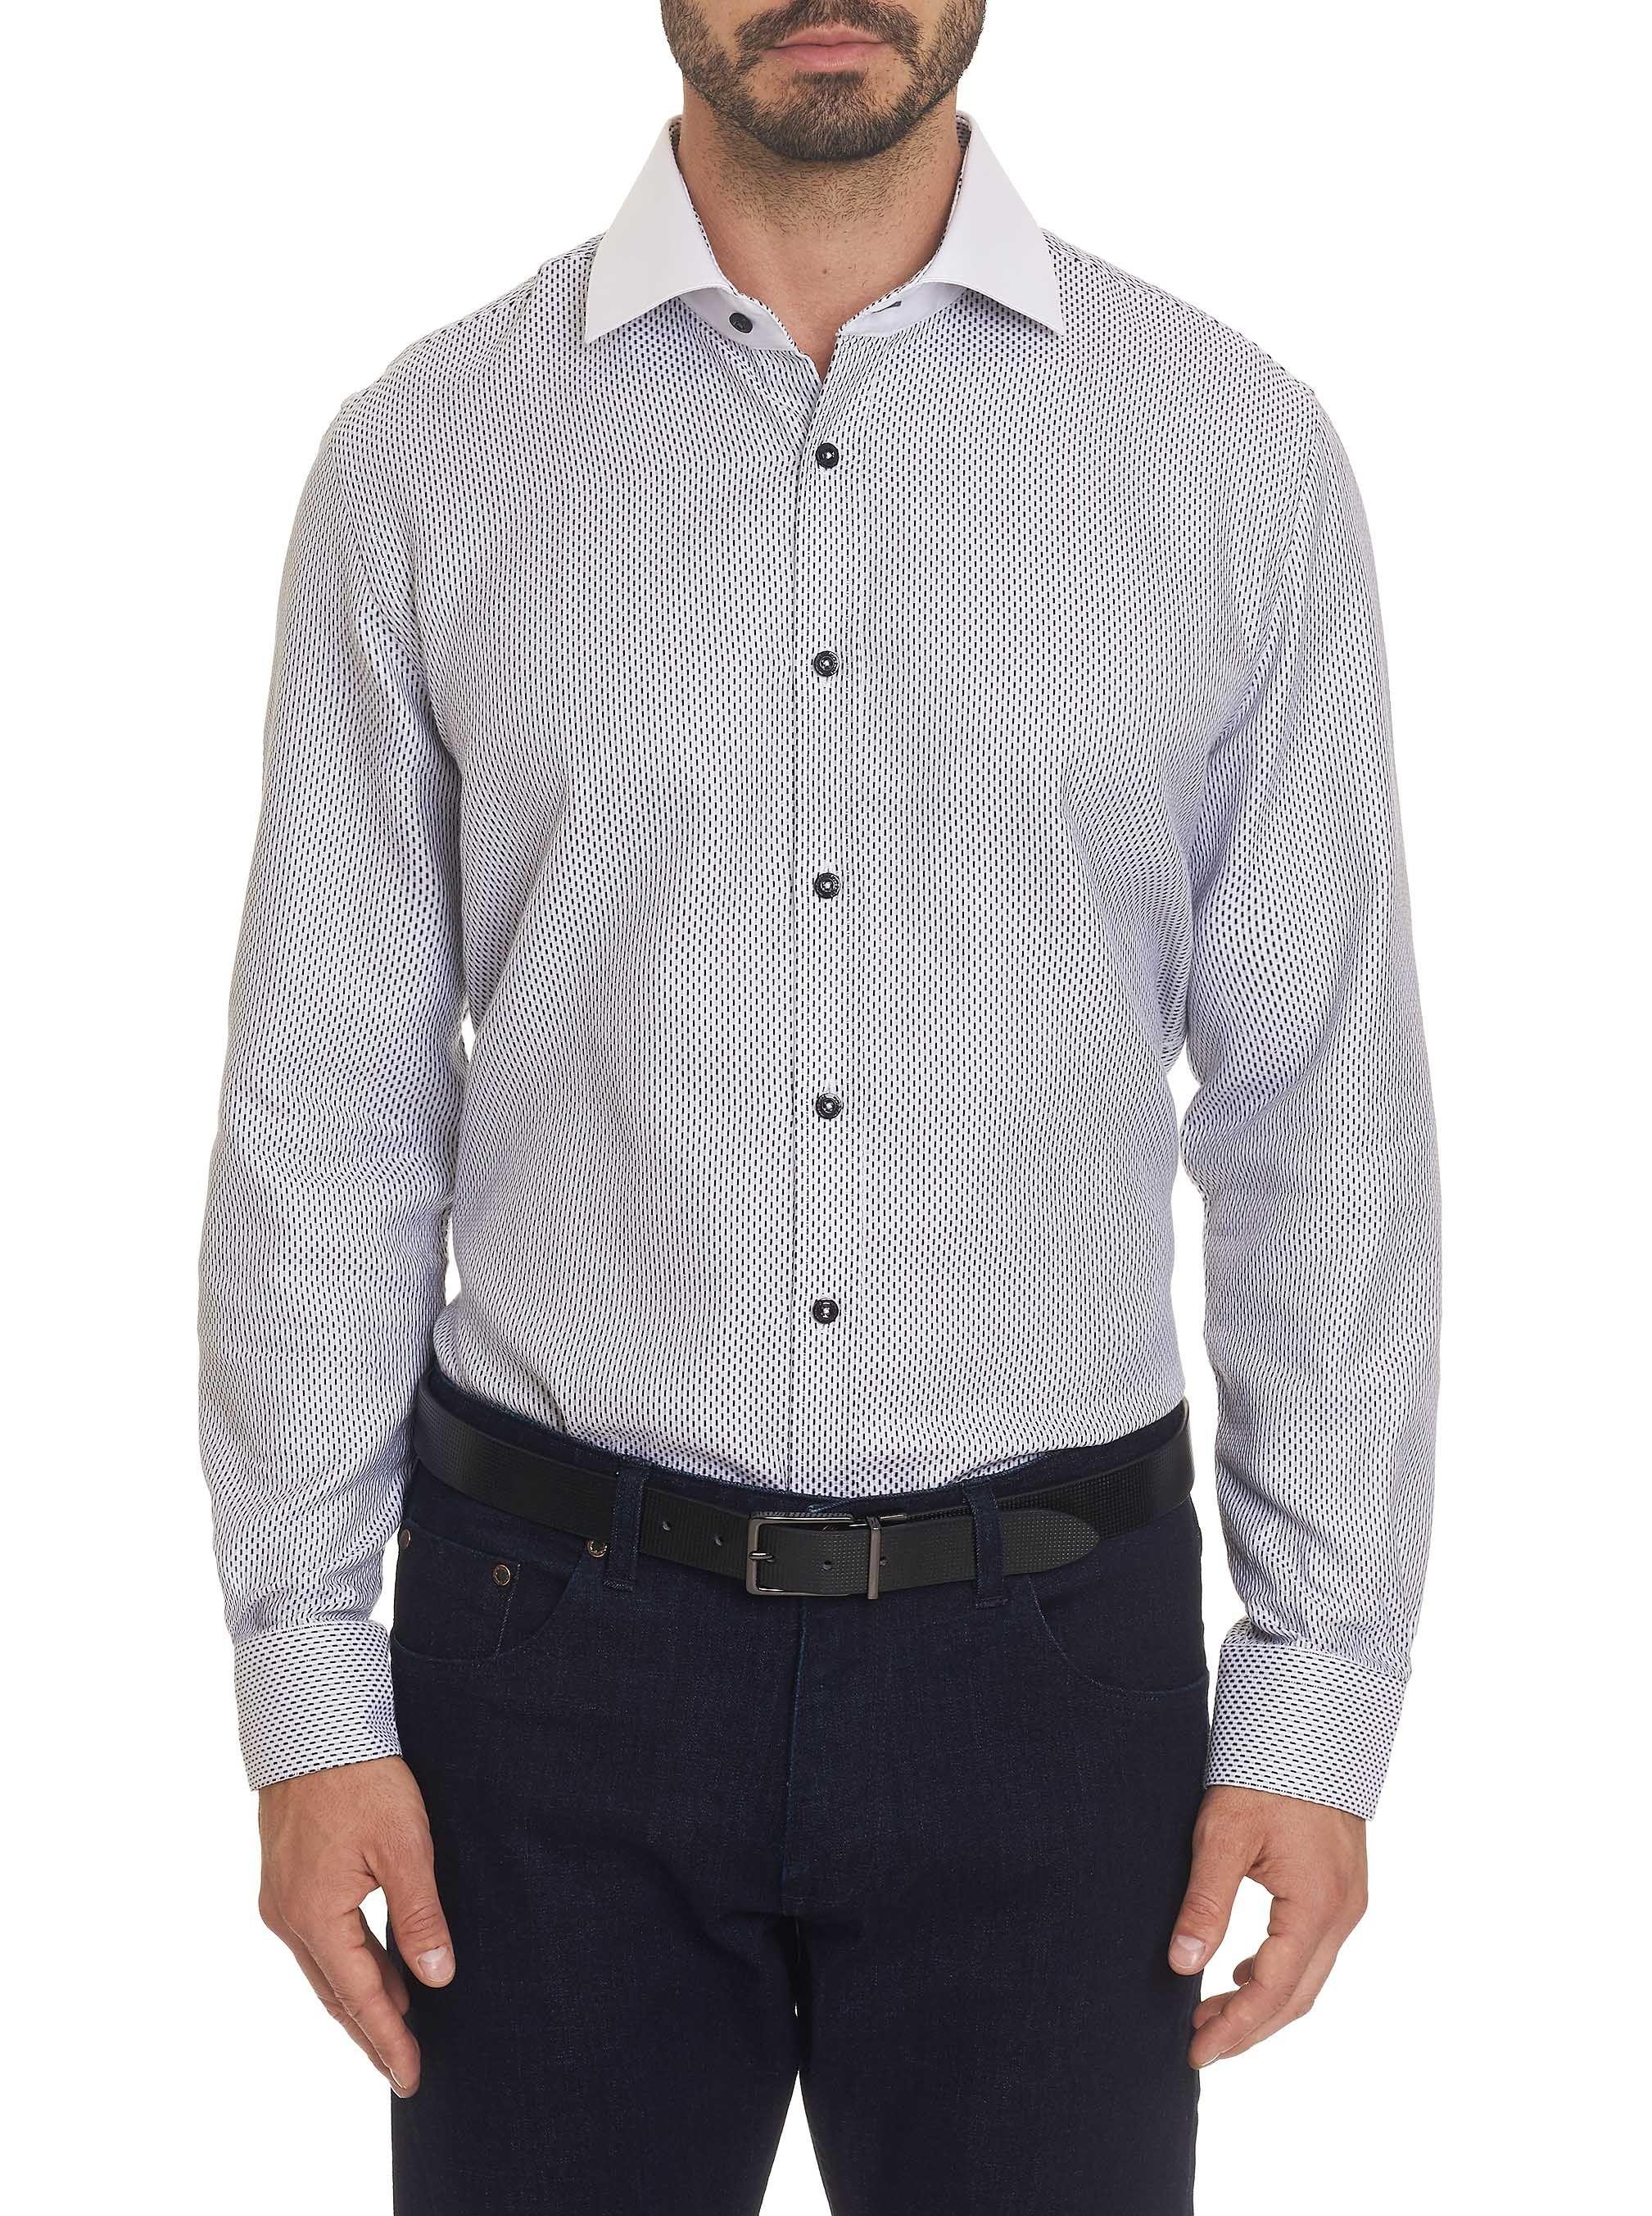 Robert Graham Men S Ron Dress Shirt In White Size 17 5 By Robert Graham Robertgraham Cloth Shirt Dress Shirts Contrast Collar Dress Shirt [ 2705 x 2017 Pixel ]